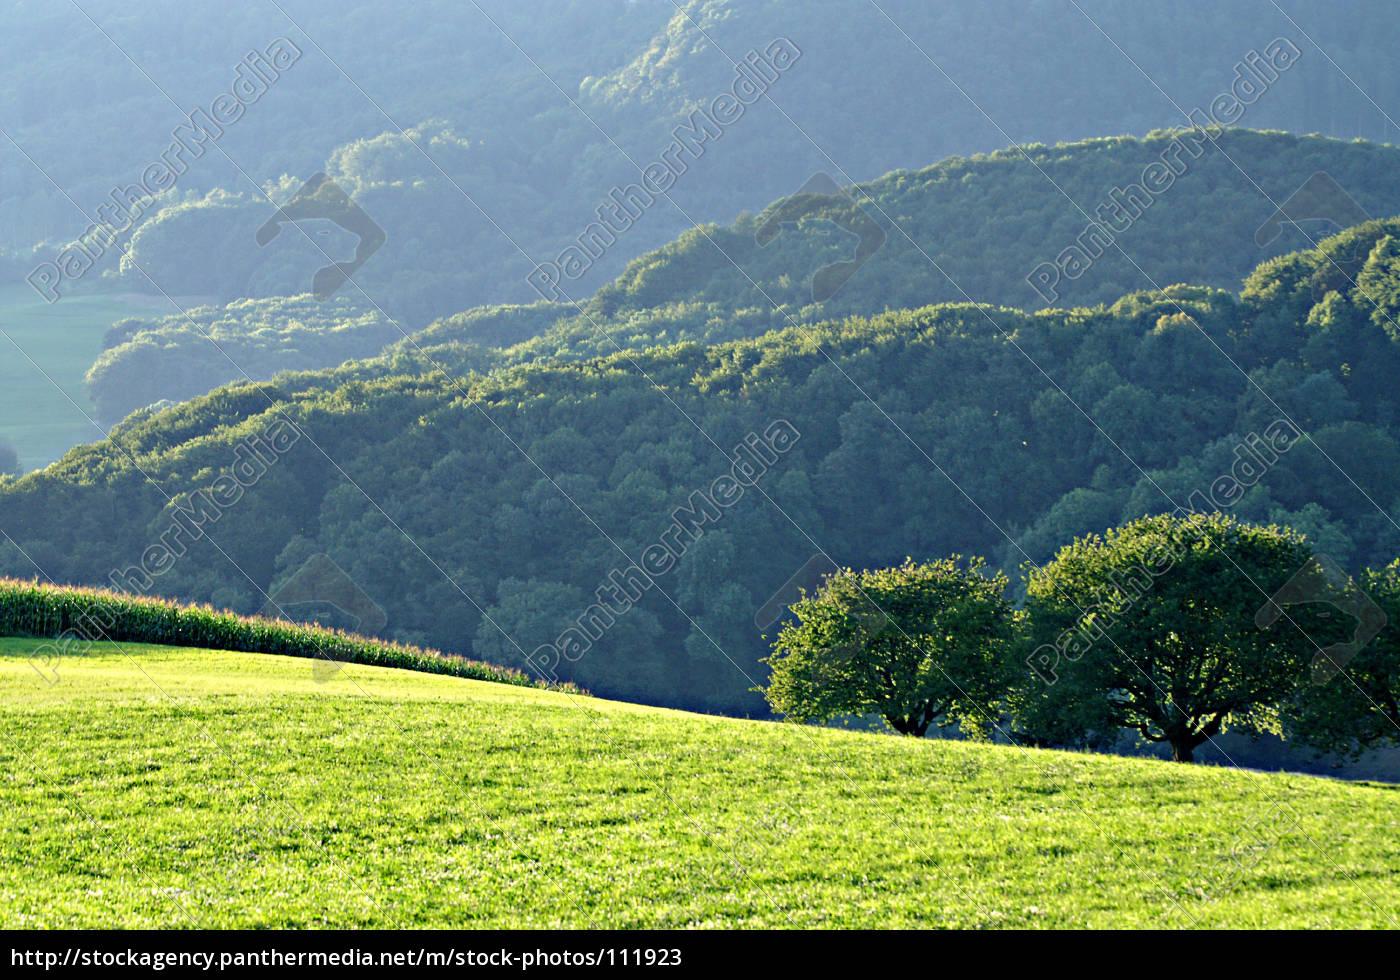 evening, green - 111923